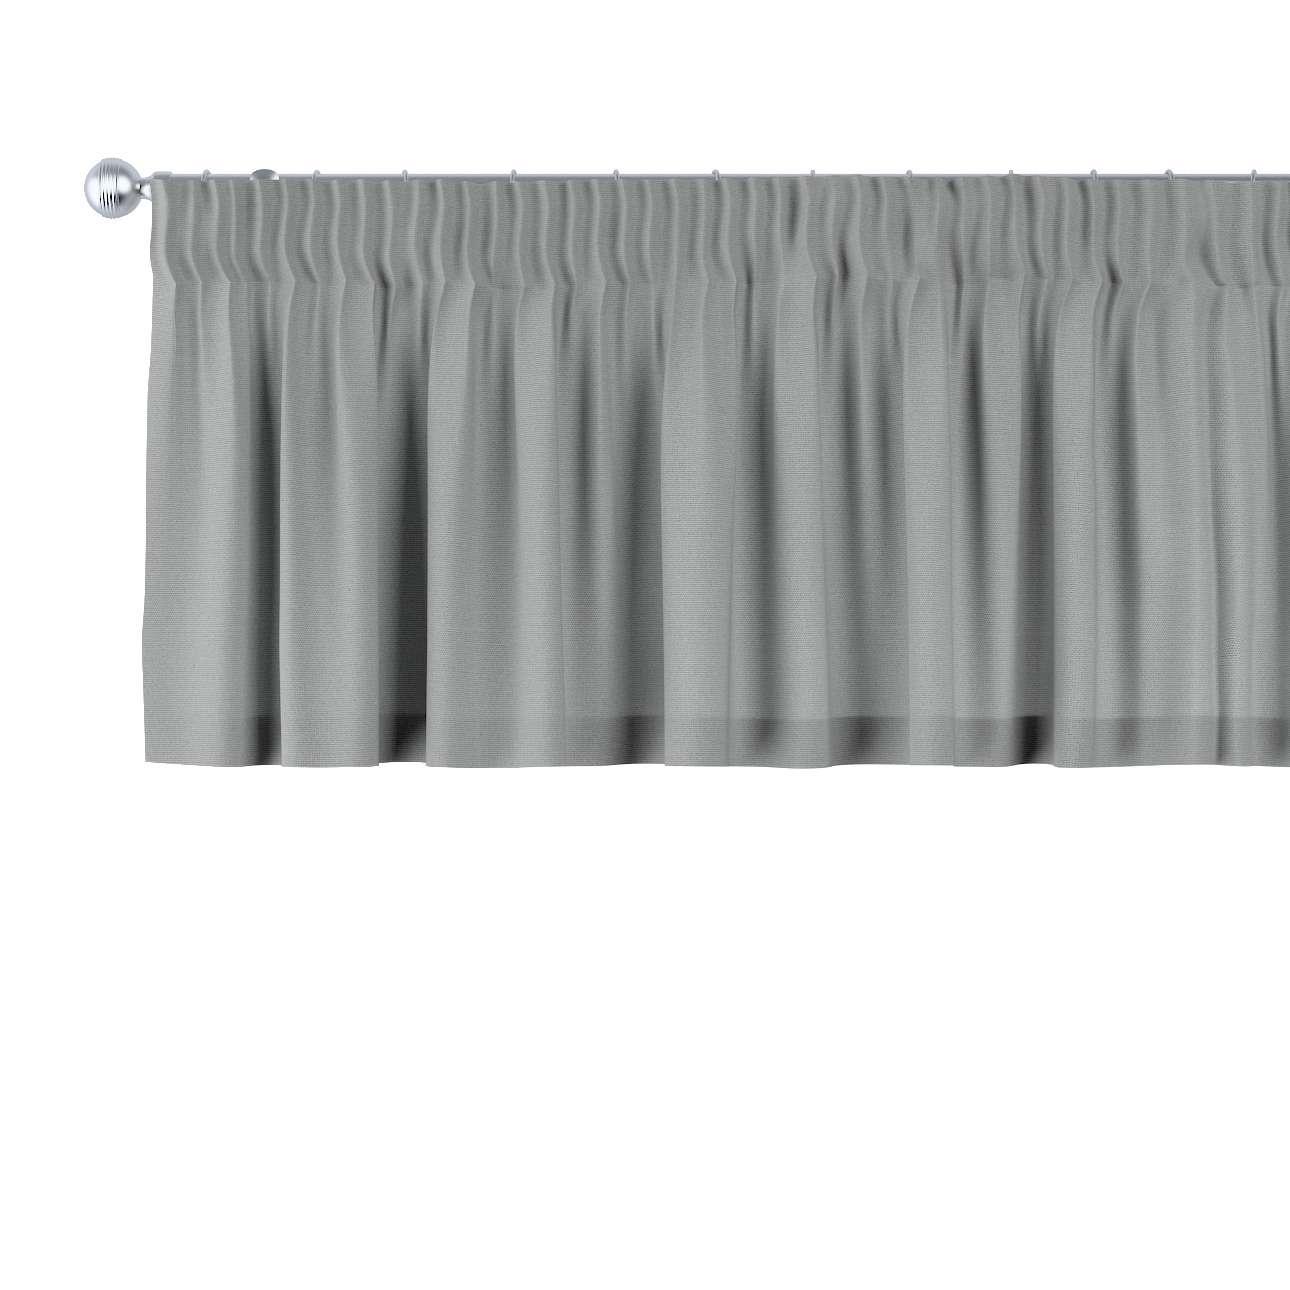 Lambrekin na taśmie marszczącej 130 x 40 cm w kolekcji Loneta, tkanina: 133-24